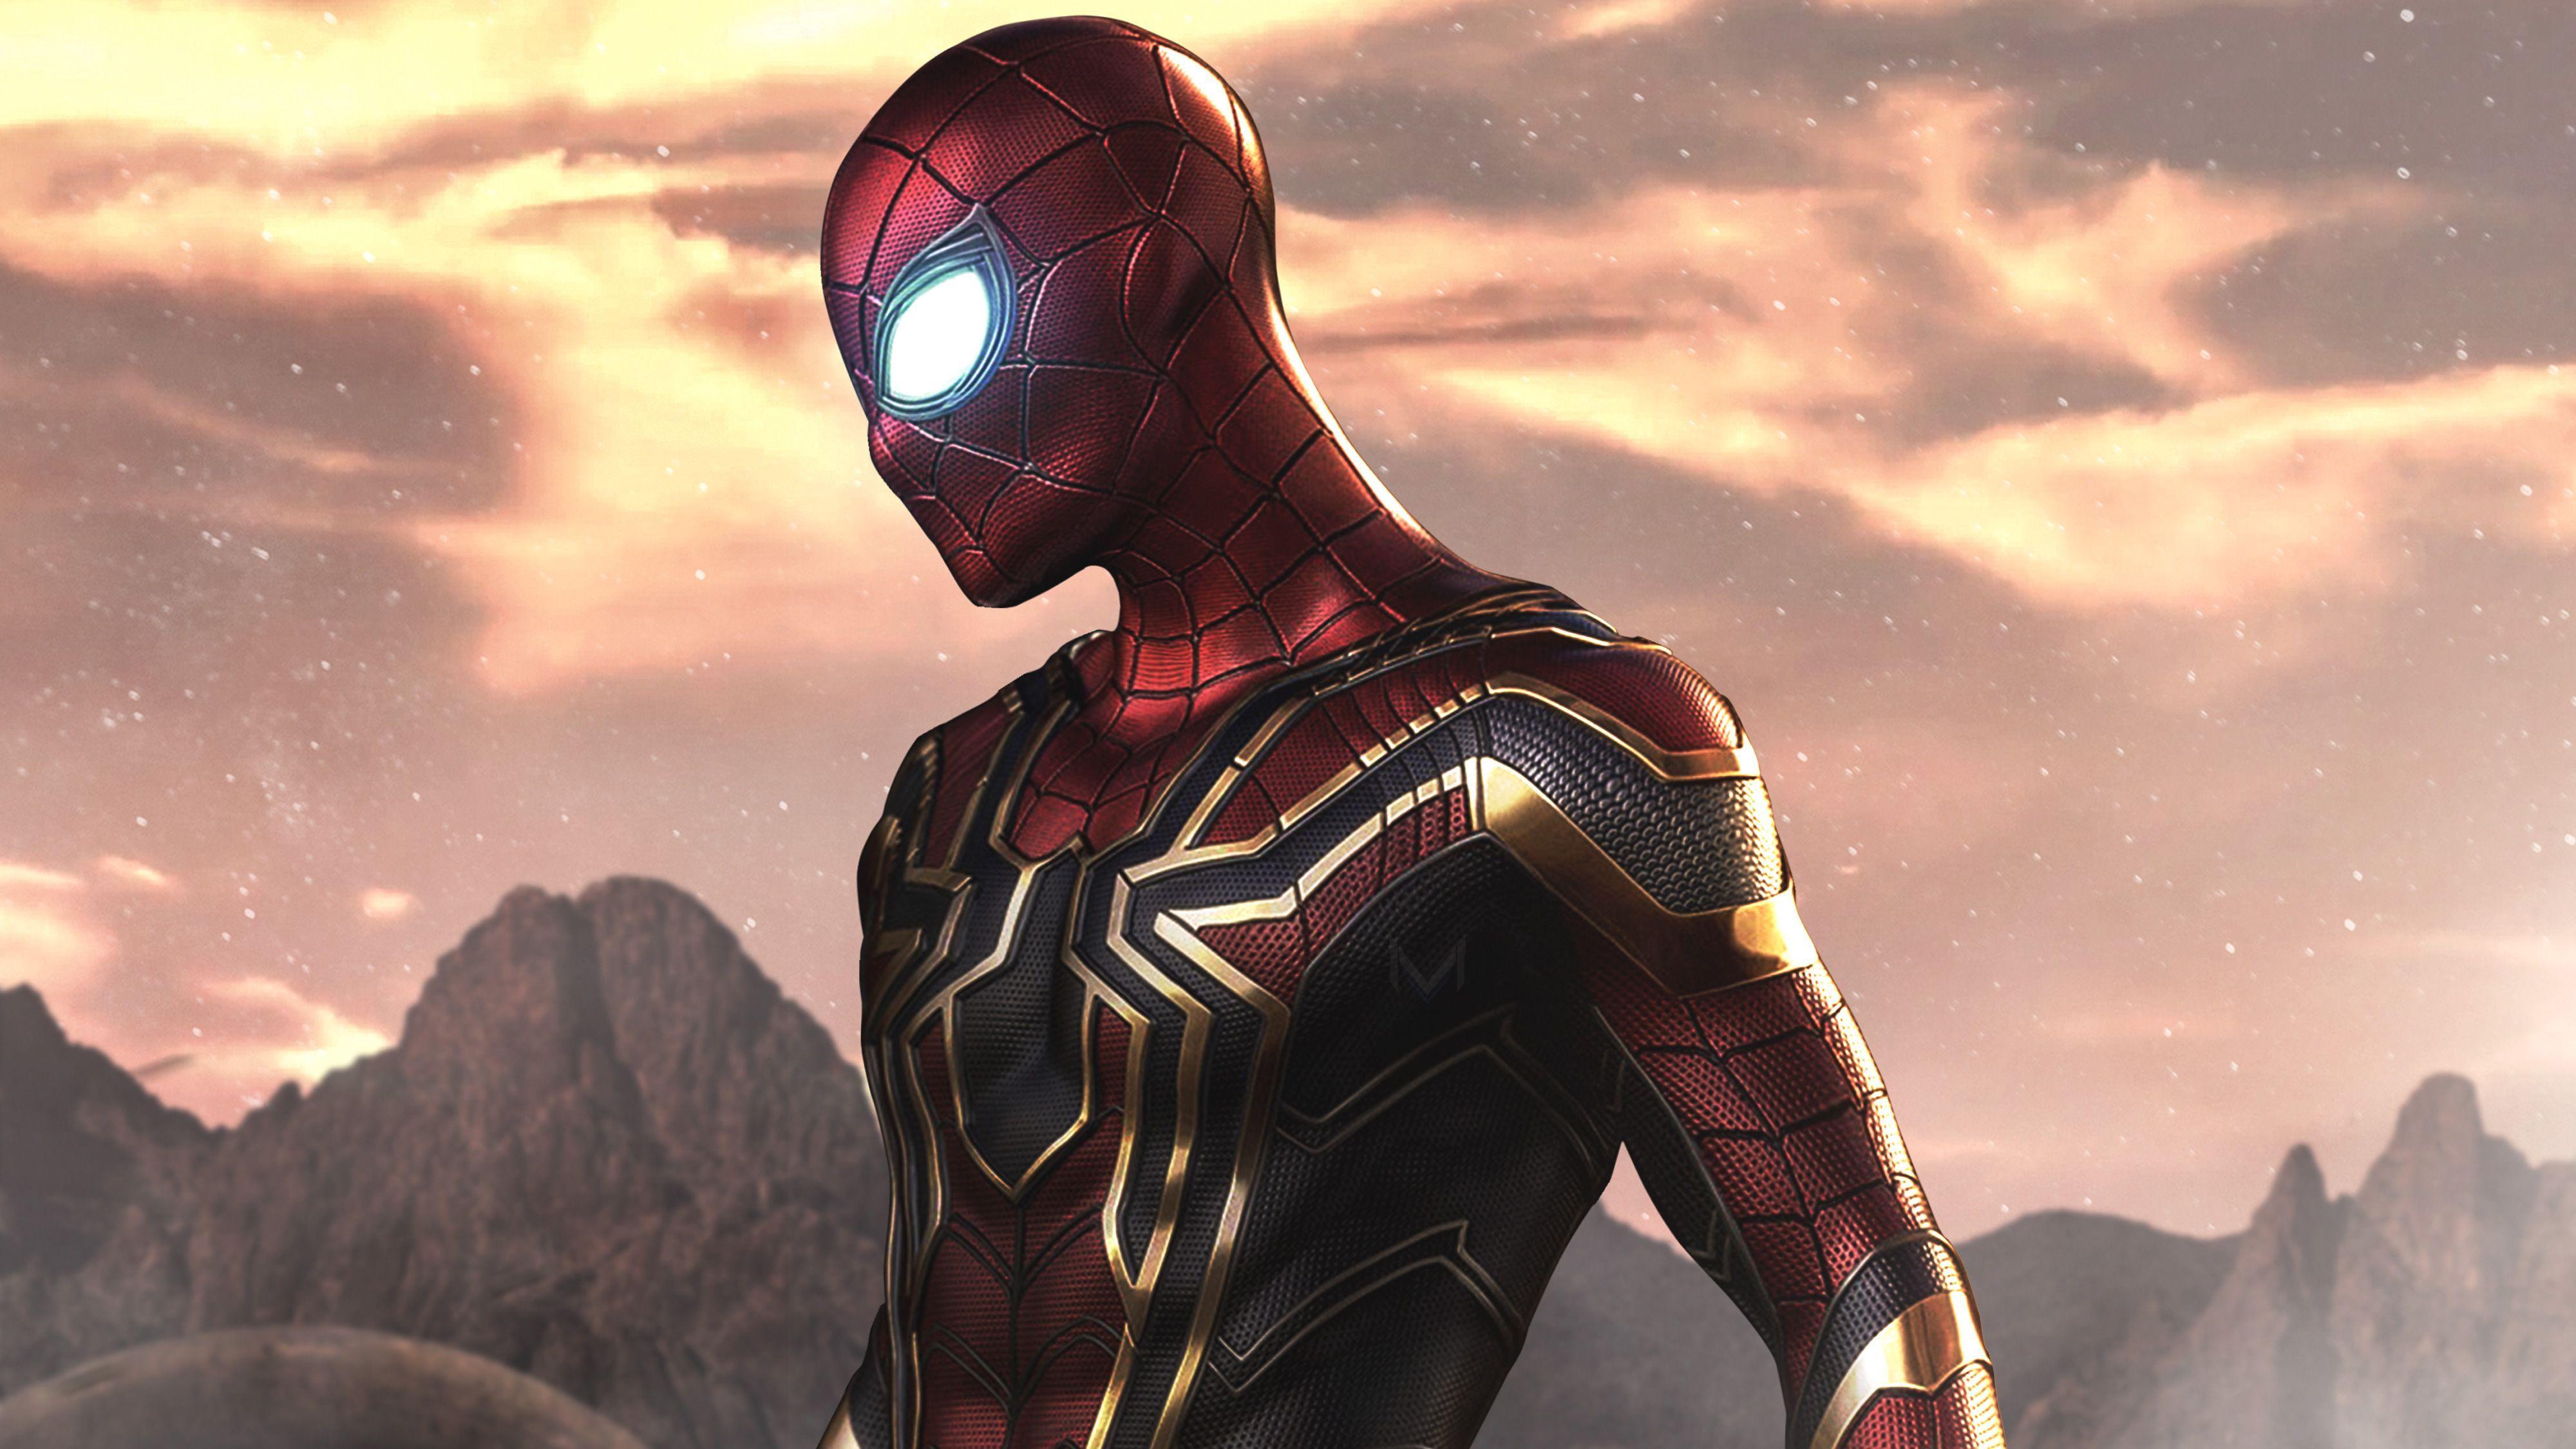 Spider Man Movie Wallpapers Top Free Spider Man Movie